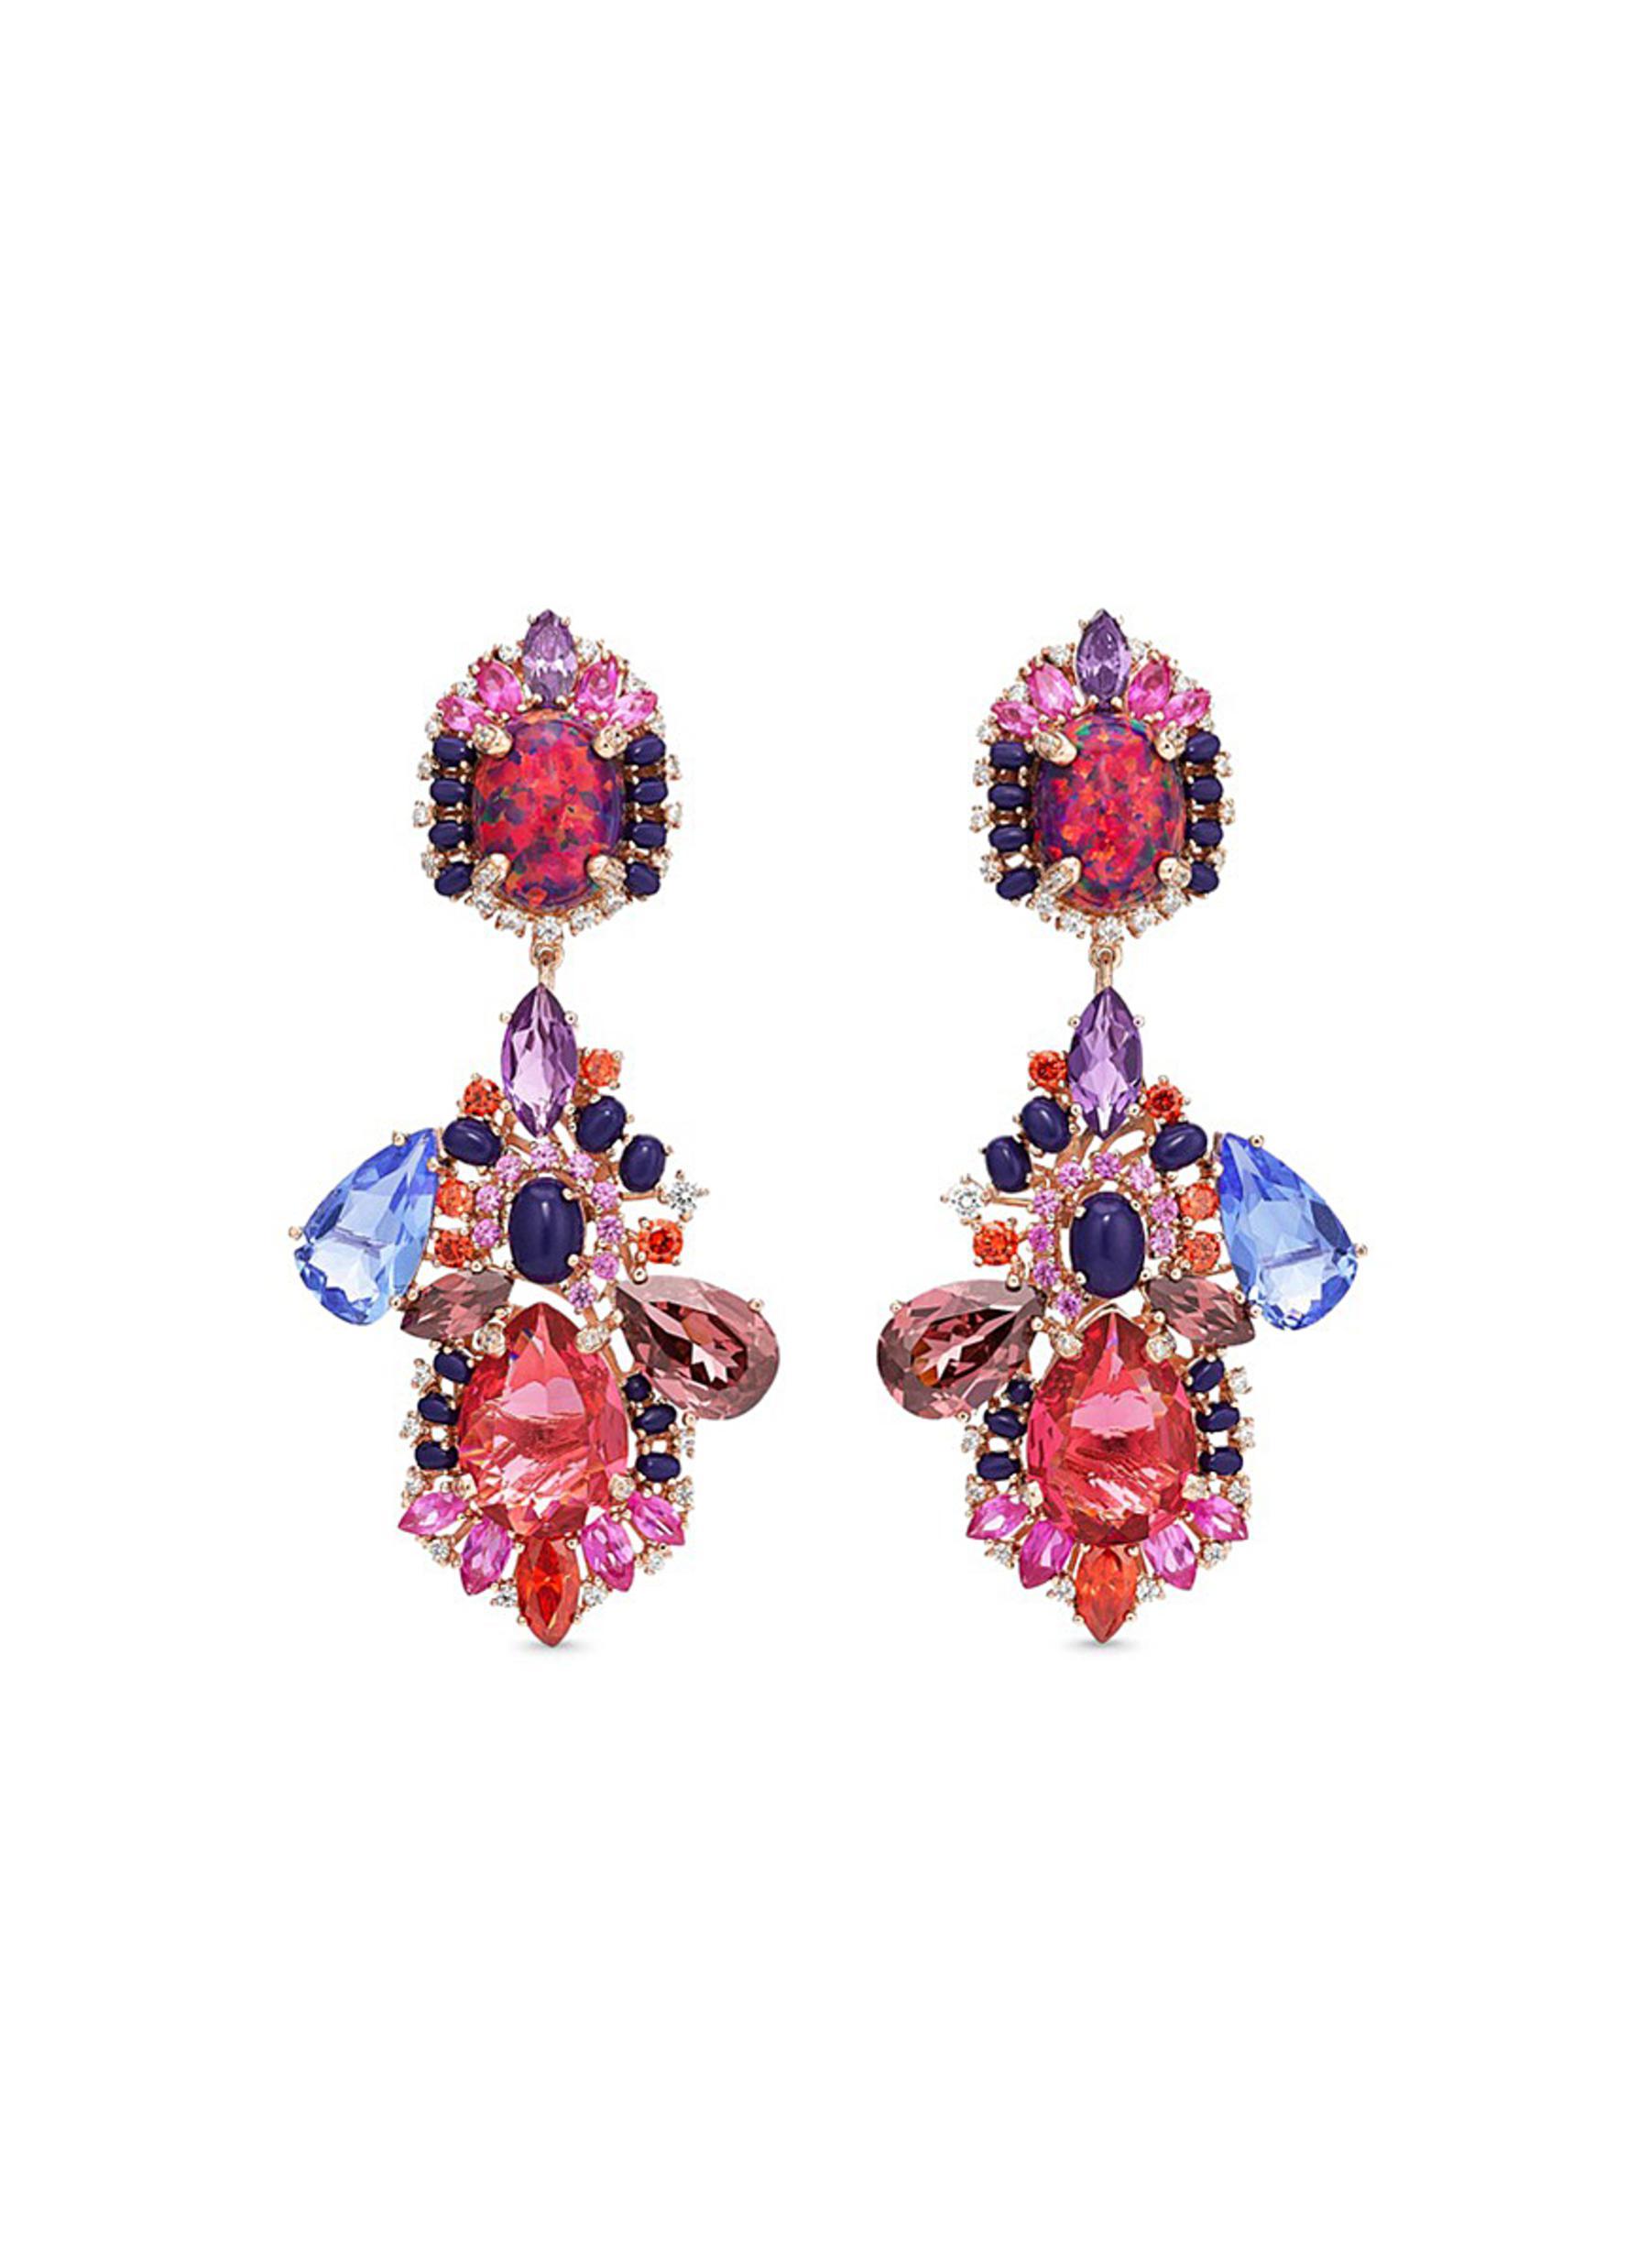 Opals Poseidon detachable gemstone 18k rose gold drop earrings by Anabela Chan